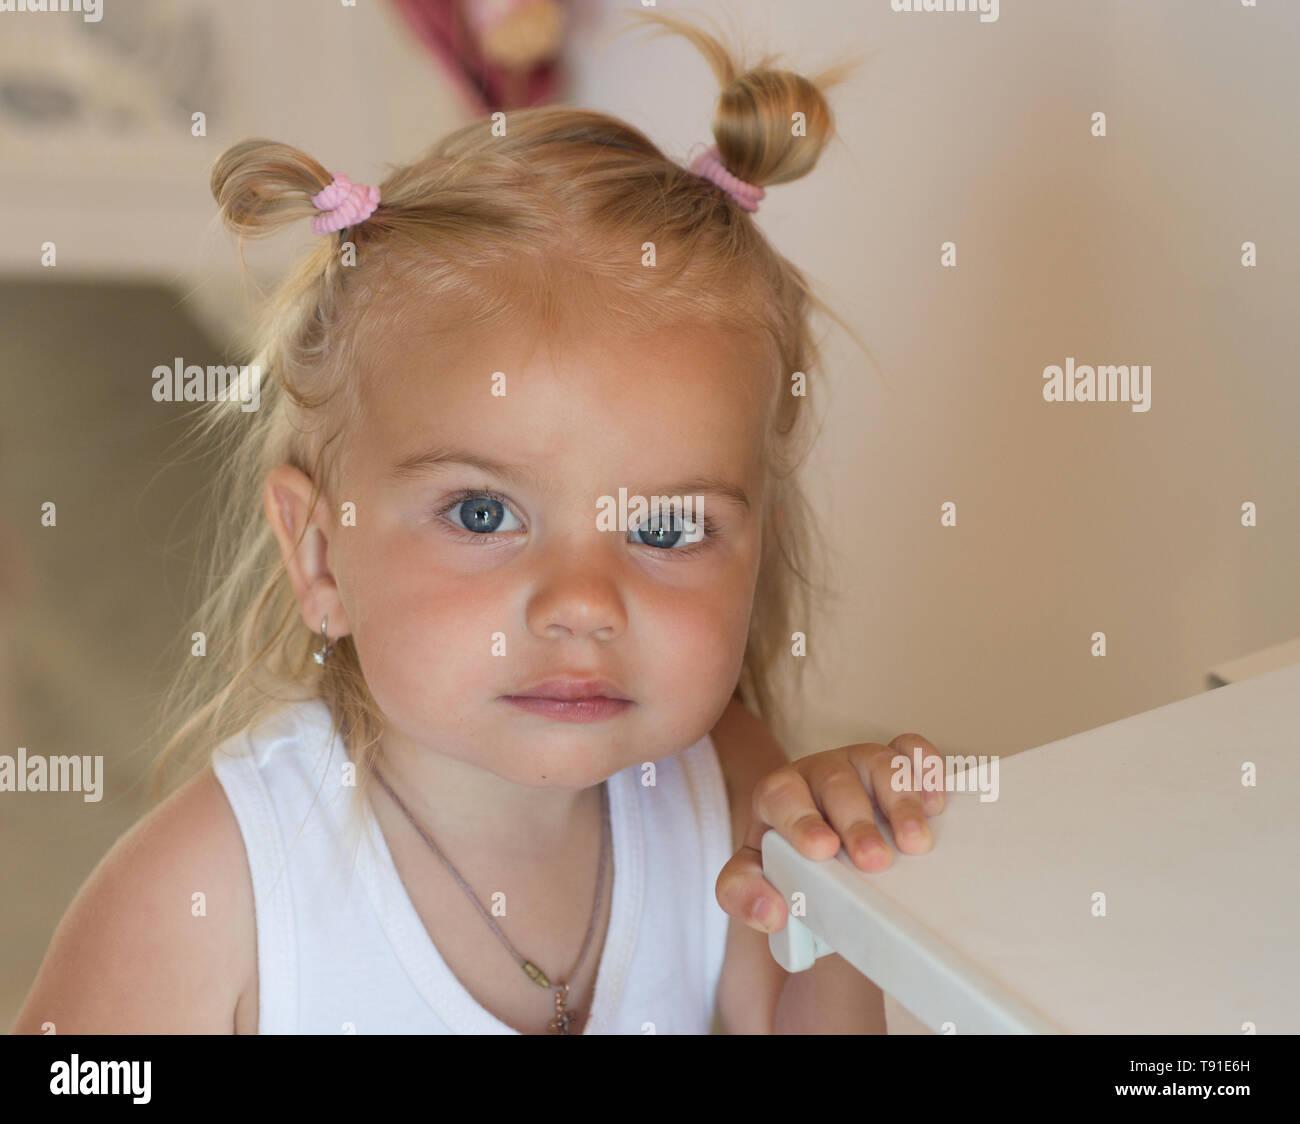 Wird Ein Echter Cutie Kleines Mädchen Mit Bun